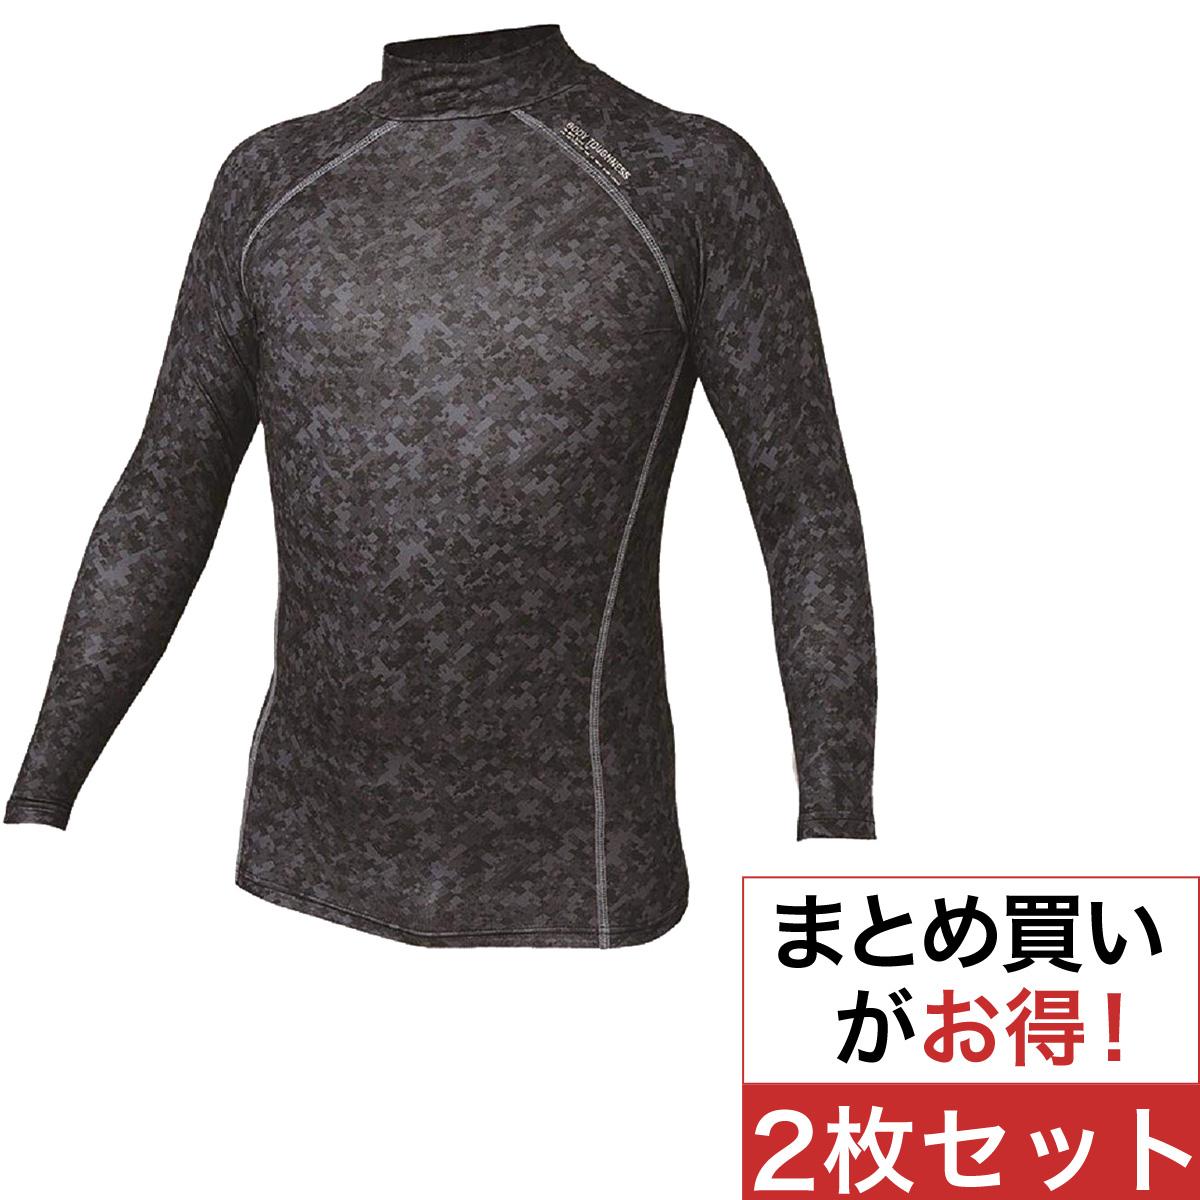 パワーストレッチ ハイネック長袖インナーシャツ2枚セット